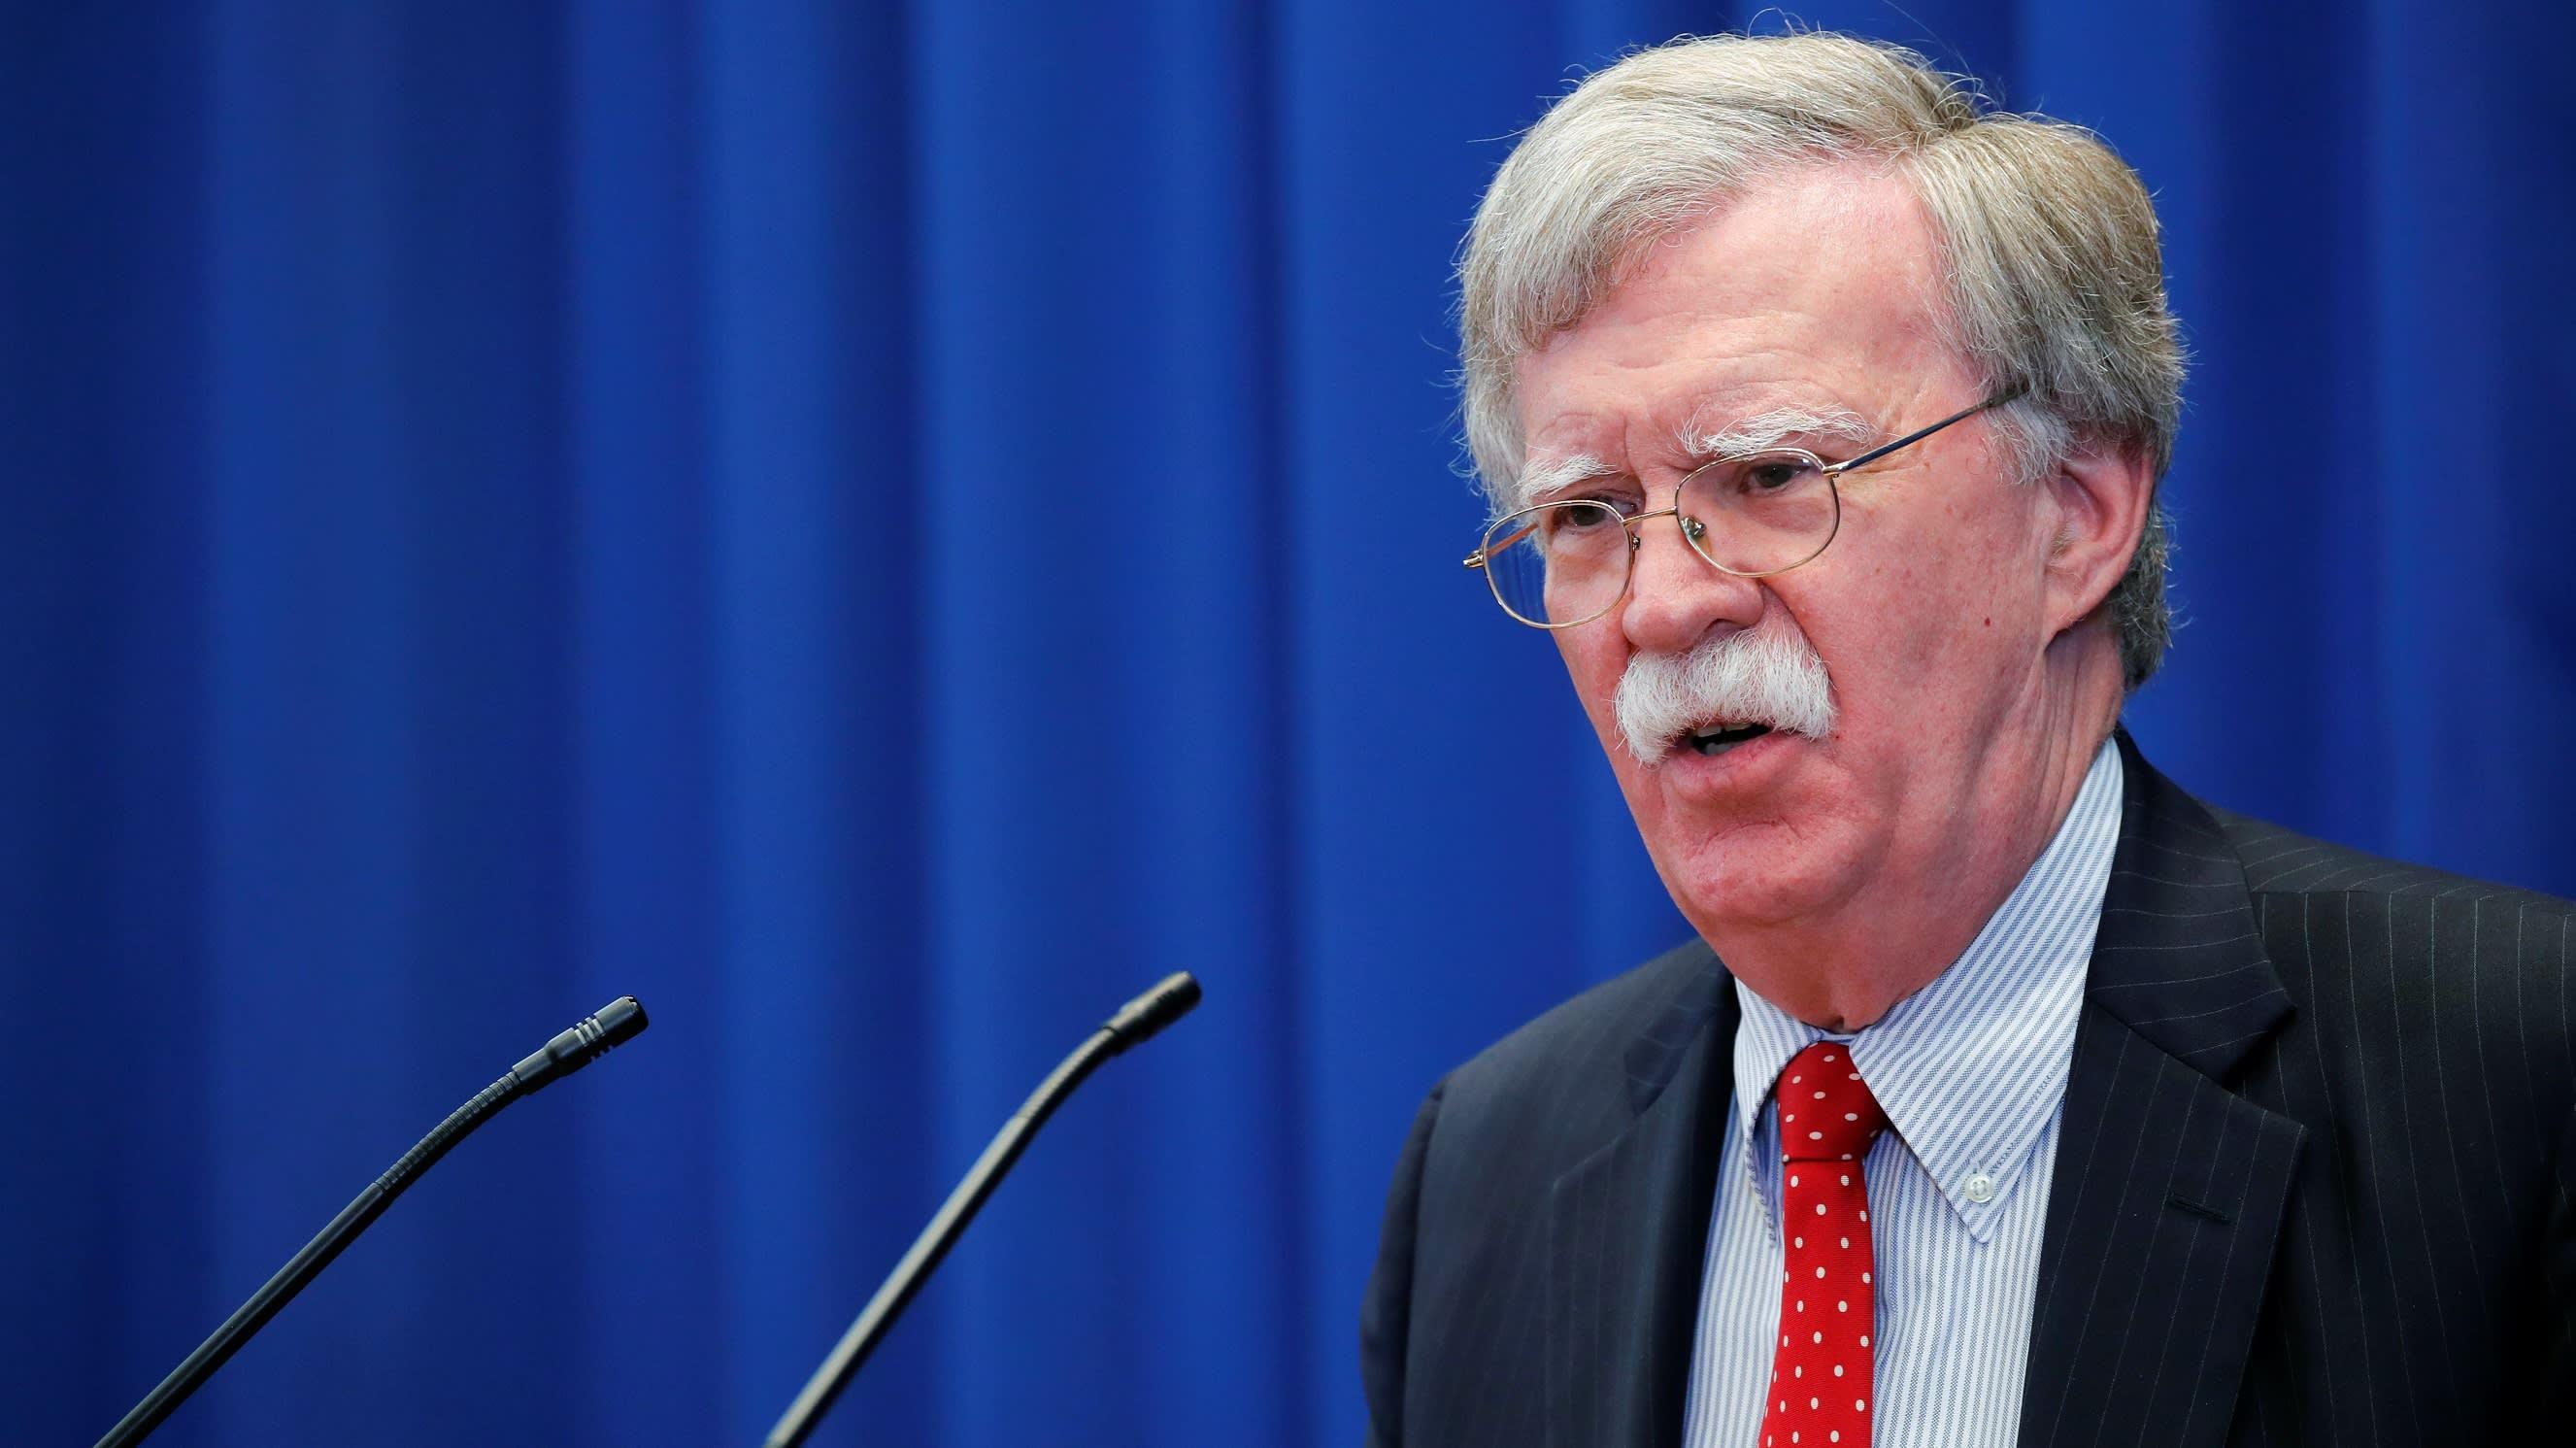 Mỹ cảnh báo Triều Tiên không tiến hành các vụ thử tên lửa mới